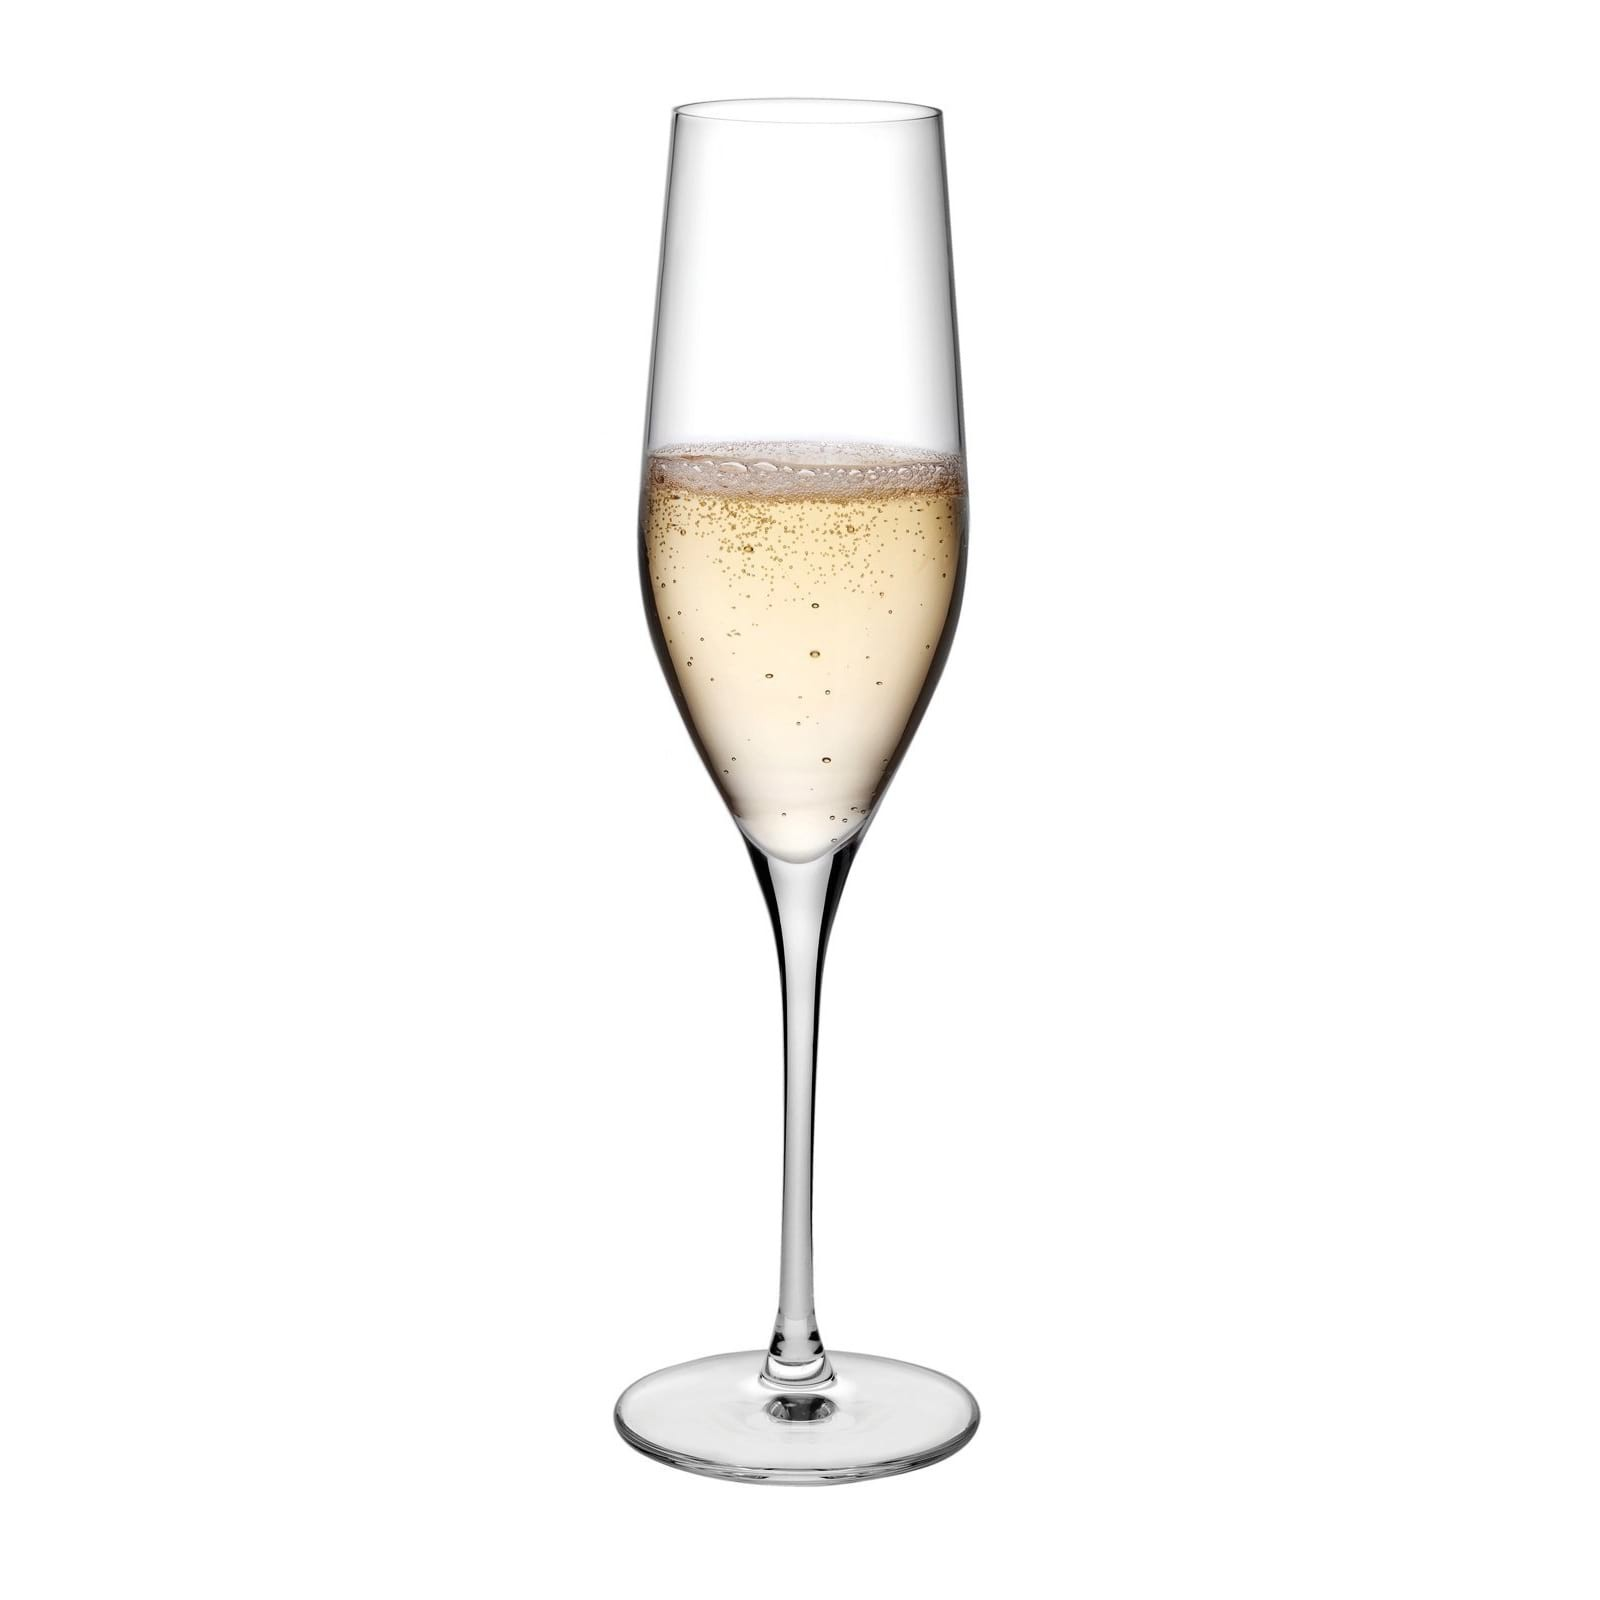 Ποτήρια Σαμπάνιας Vinifera 255 ml (Σετ των 6) - Nude Glass